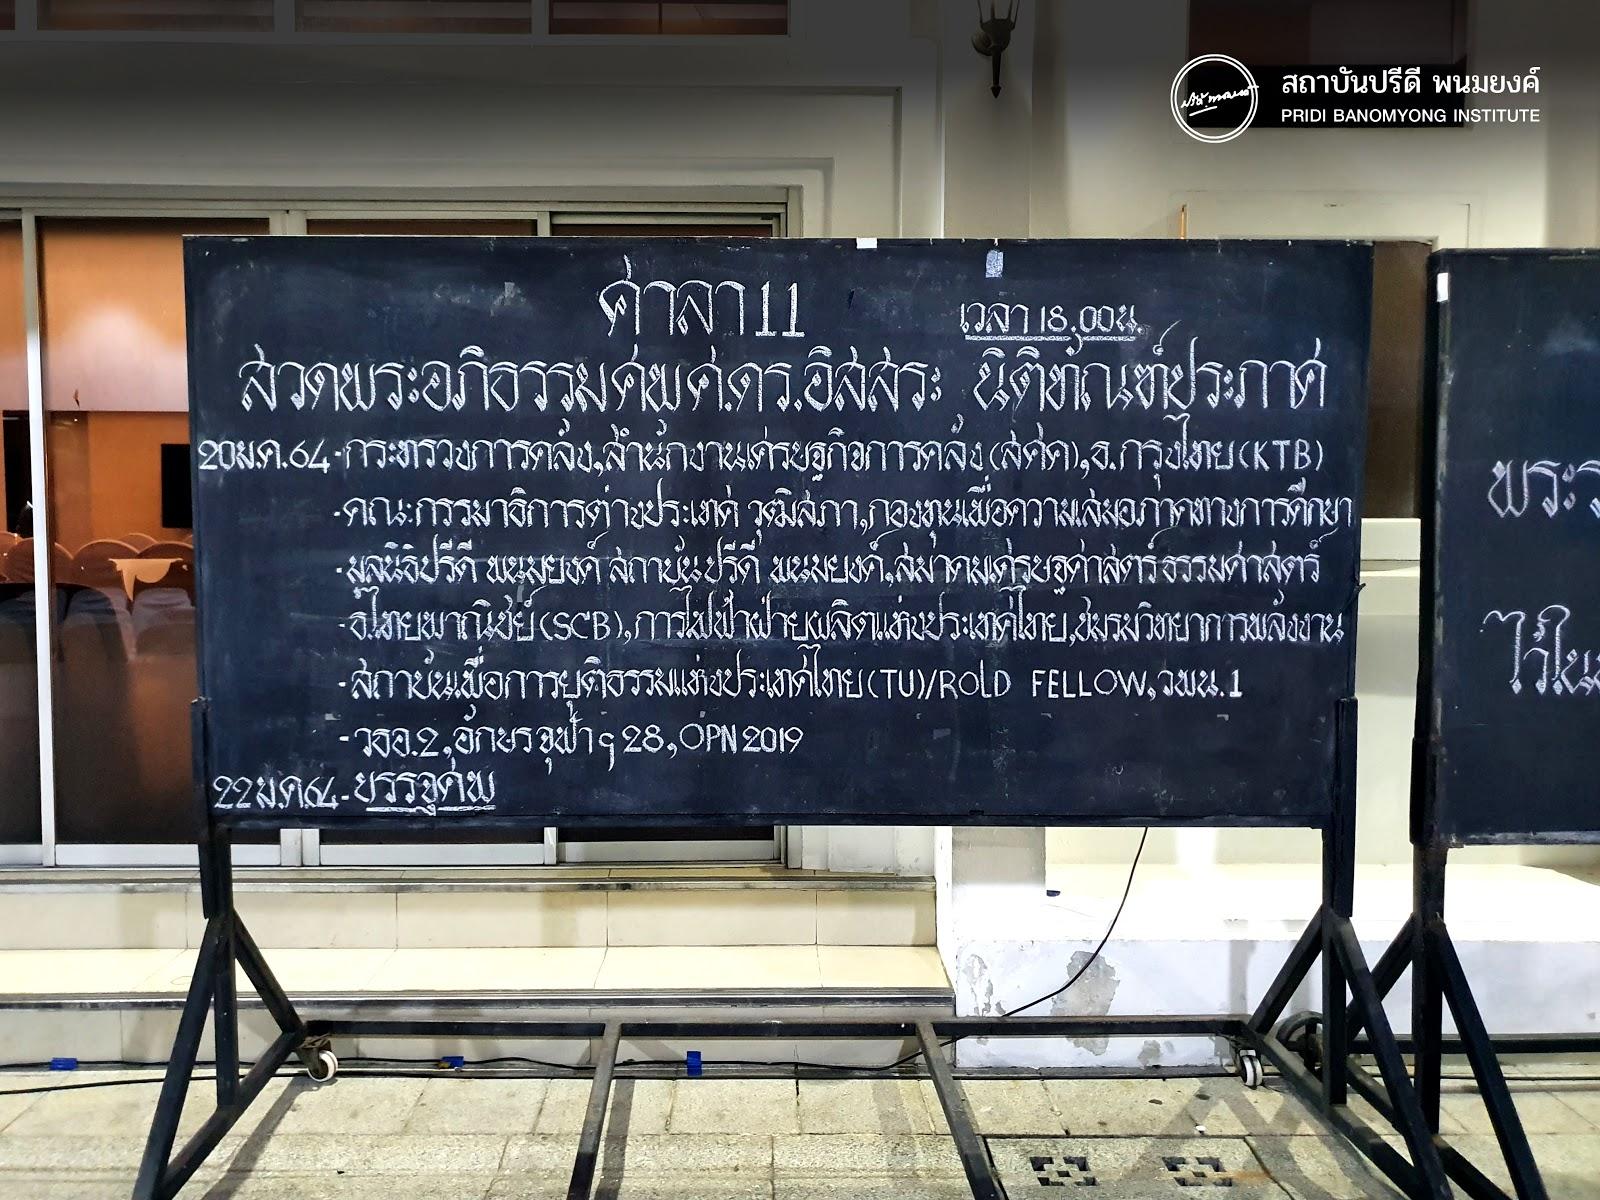 ป้ายแจ้งเจ้าภาพงานสวดพระอภิธรรมวันพุธที่ 20 มกราคม 2564